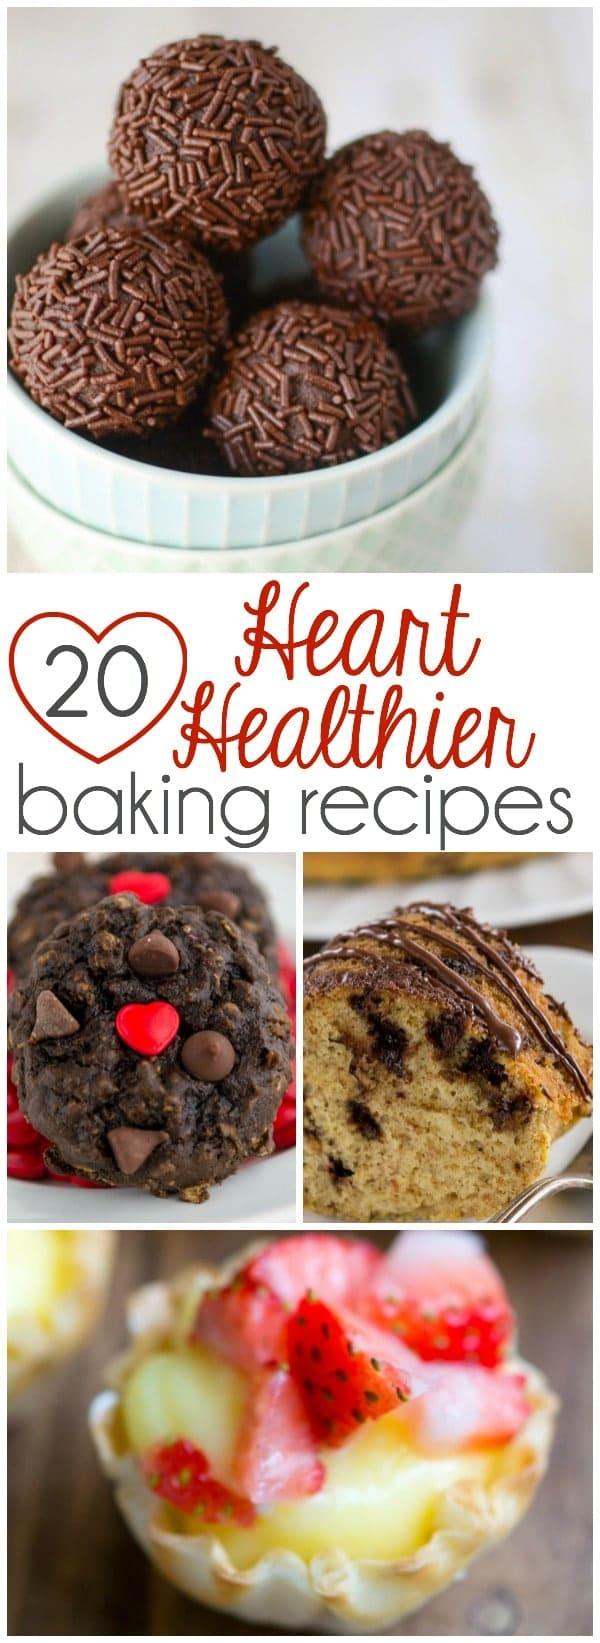 20 Heart Healthier Baking Recipes